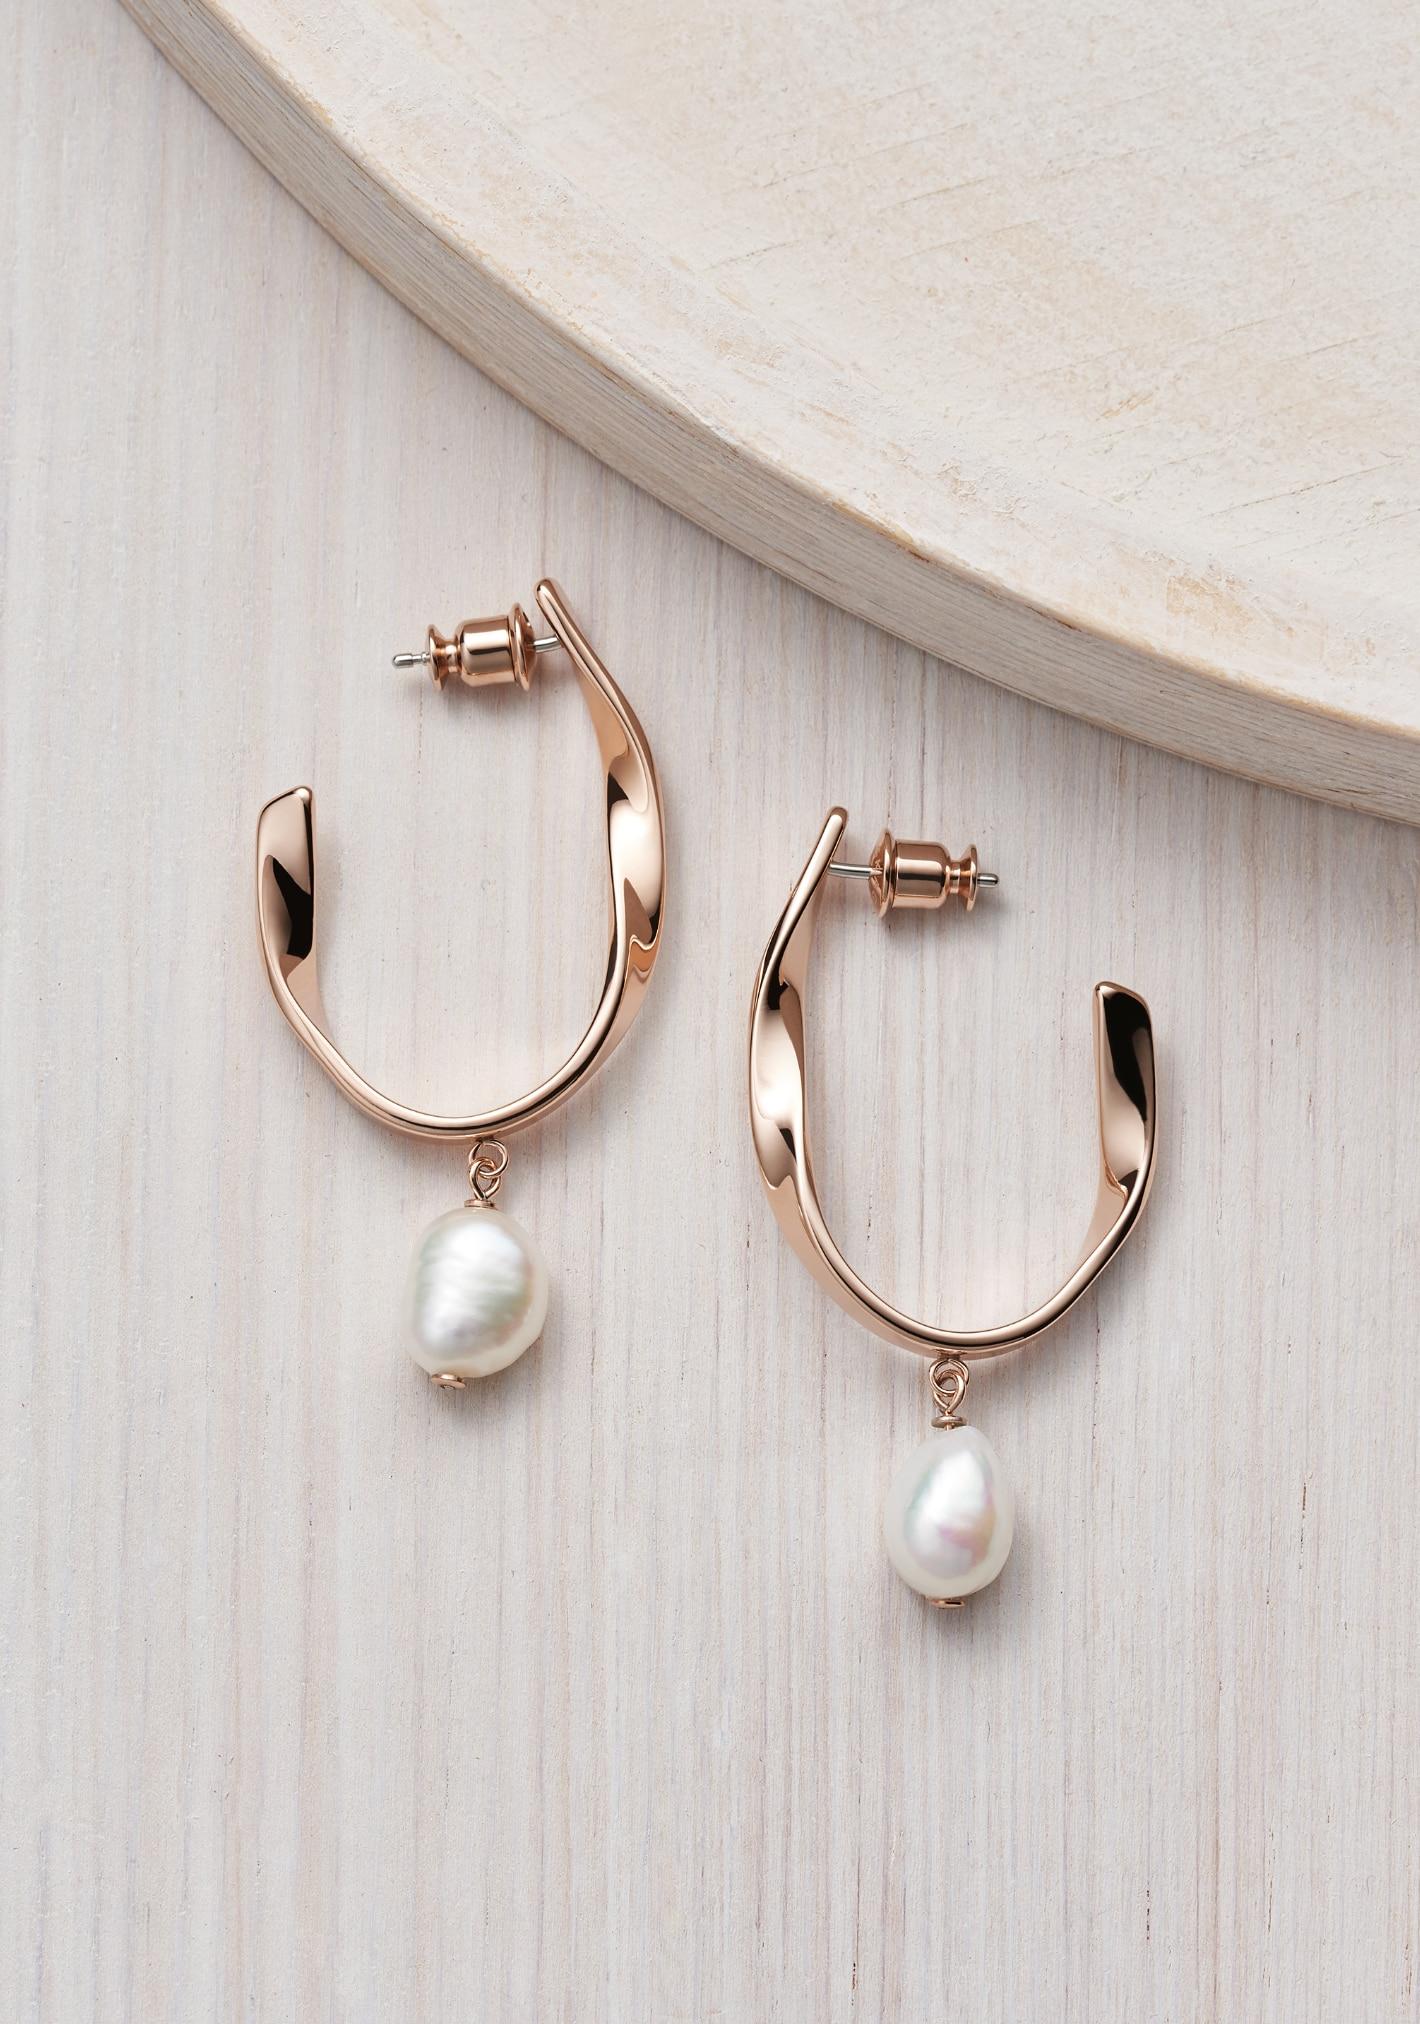 two skagen earrings with pearls